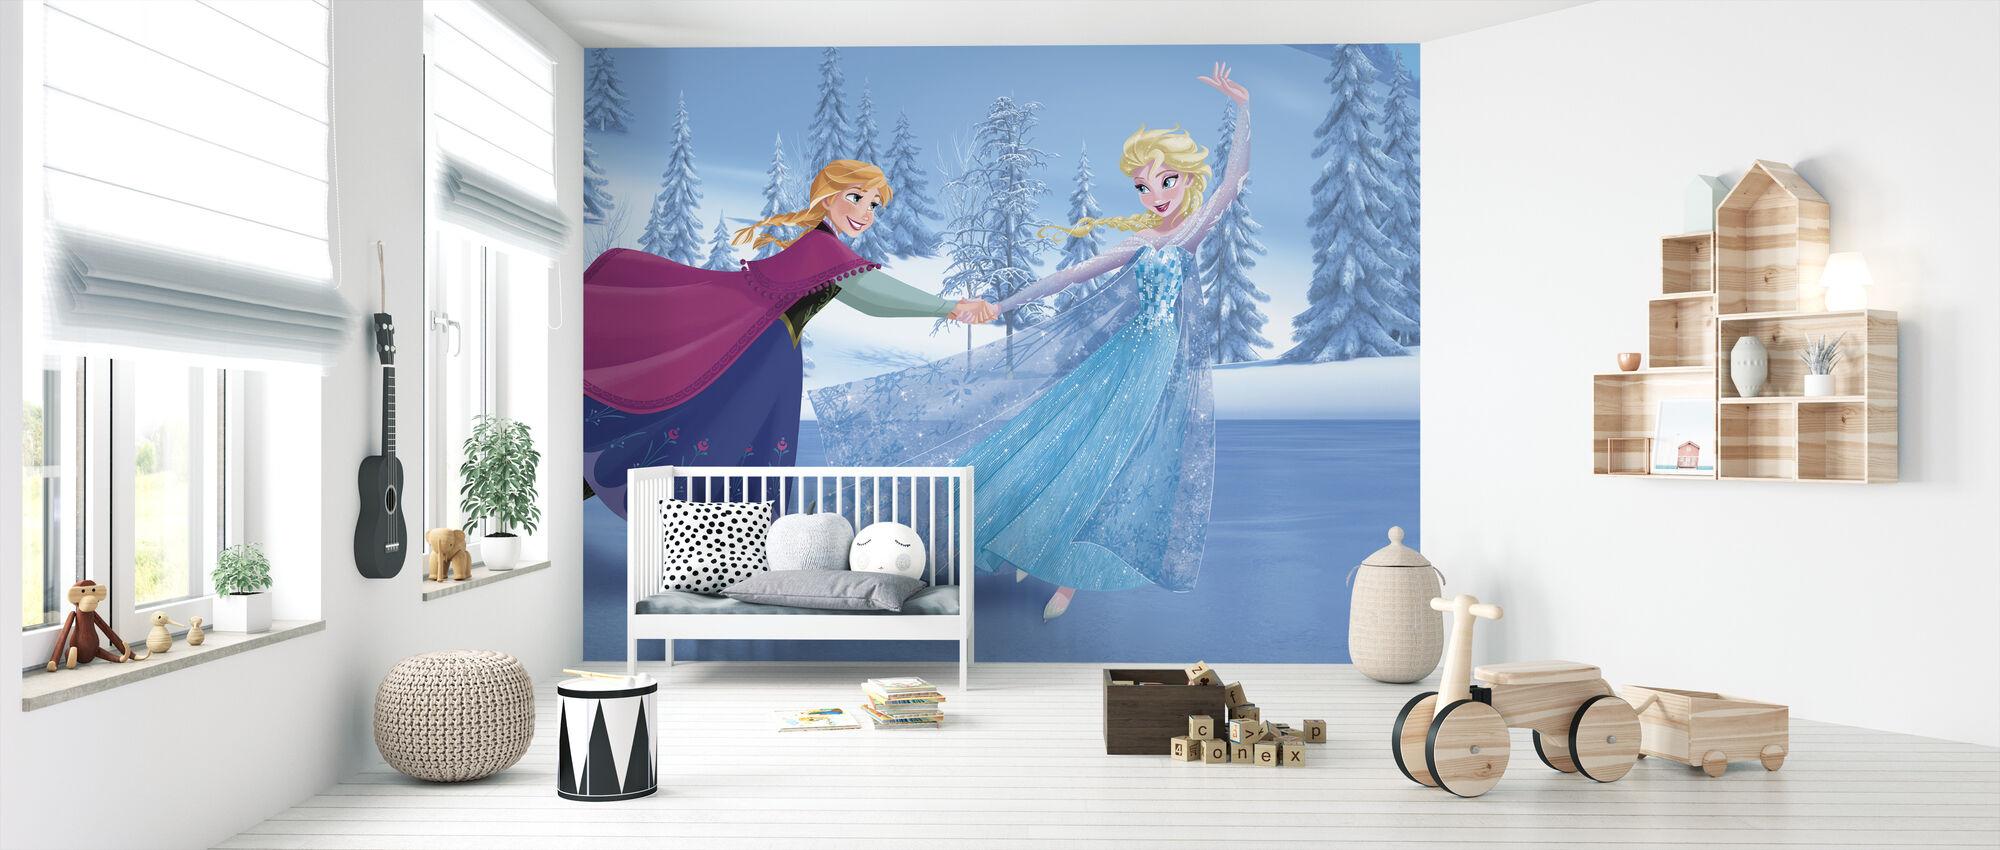 Jäätynyt - Luistelu - Tapetti - Vauvan huone